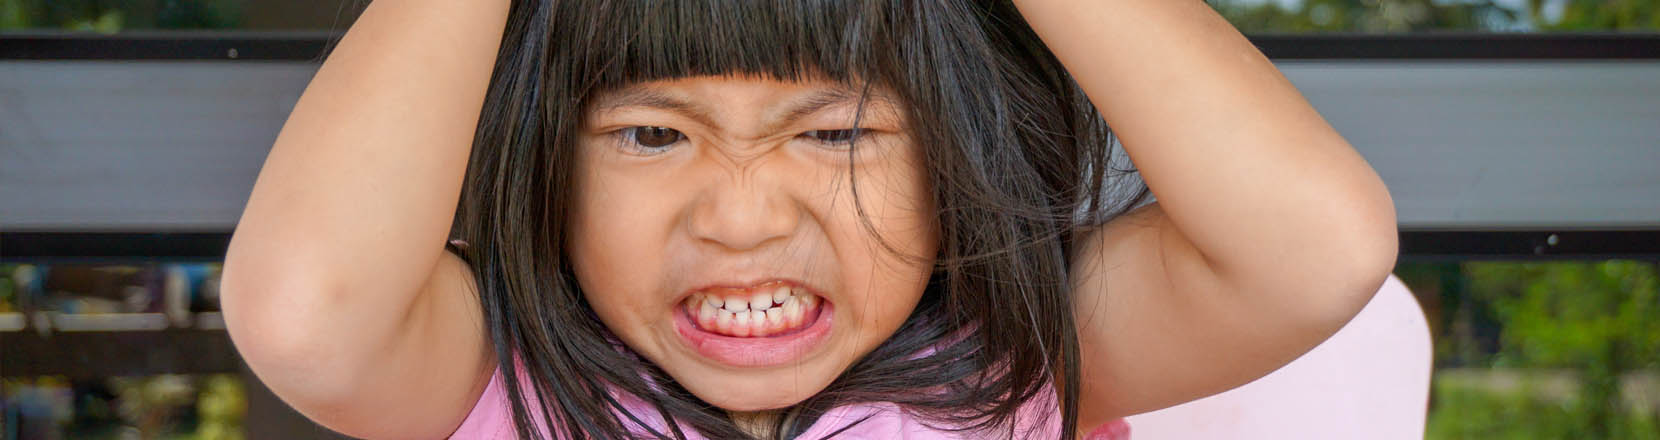 Bambina arrabbiata digrigna i denti e si strappa i capelli